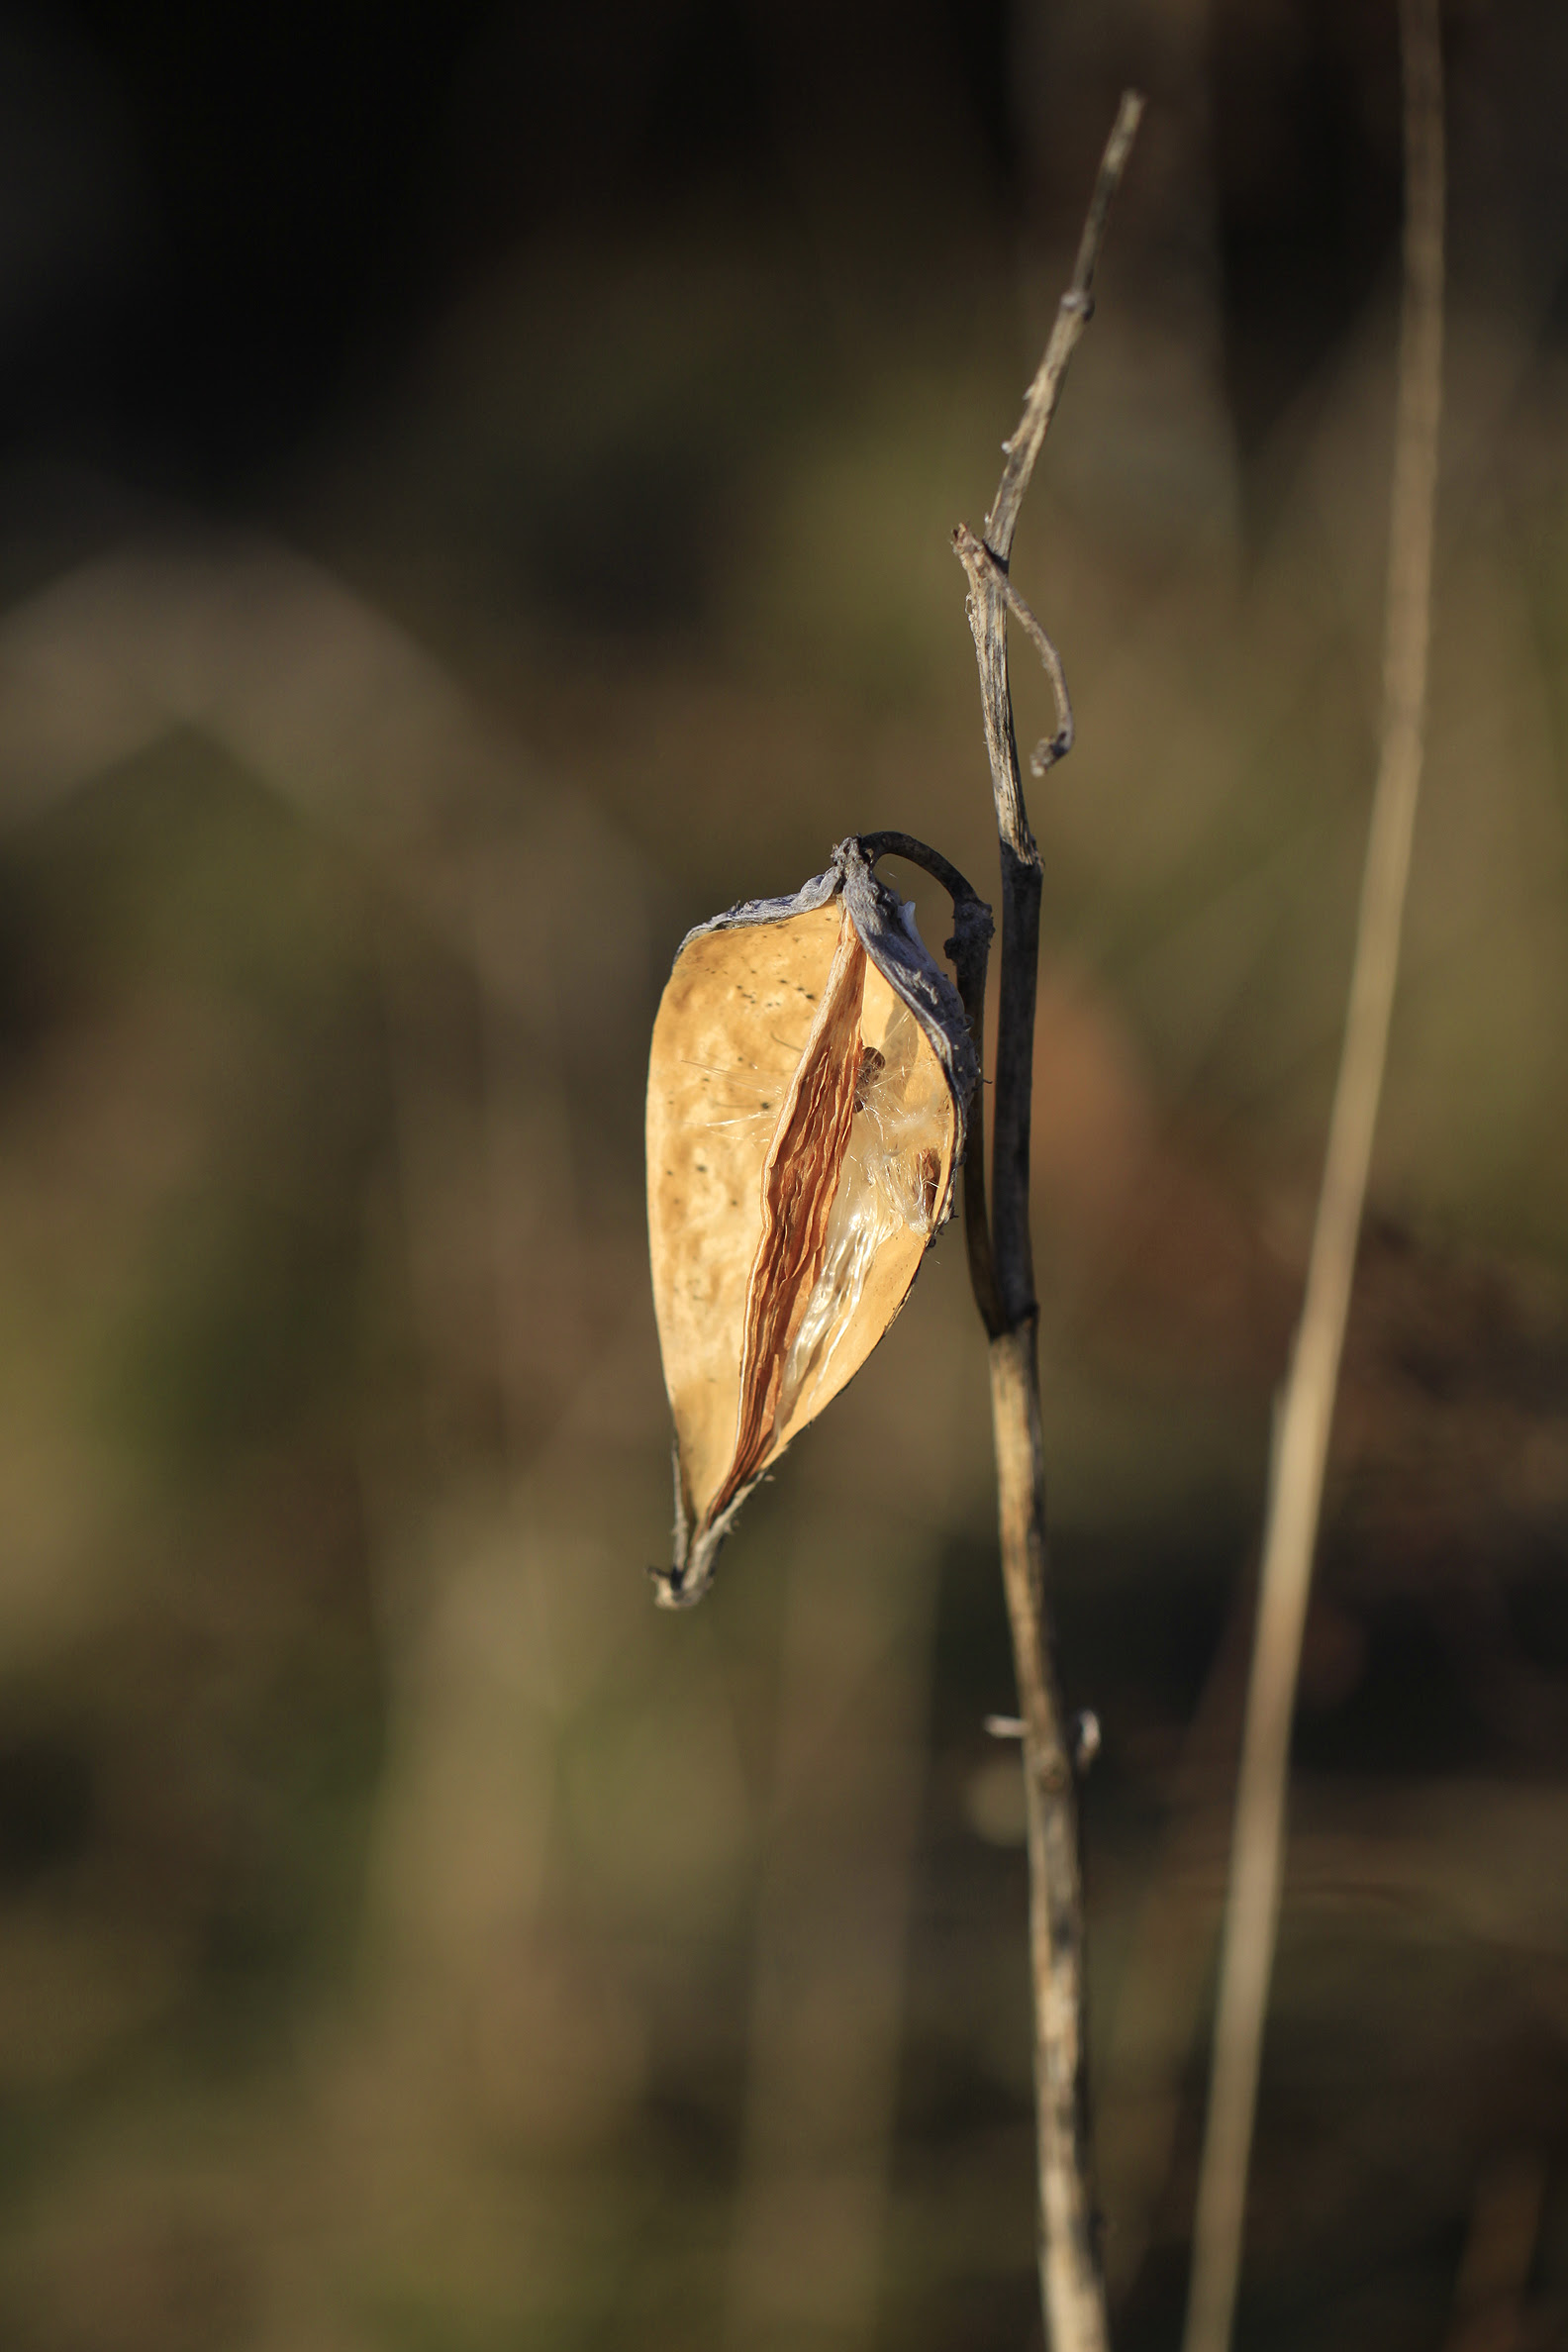 milkweed pod almost empty